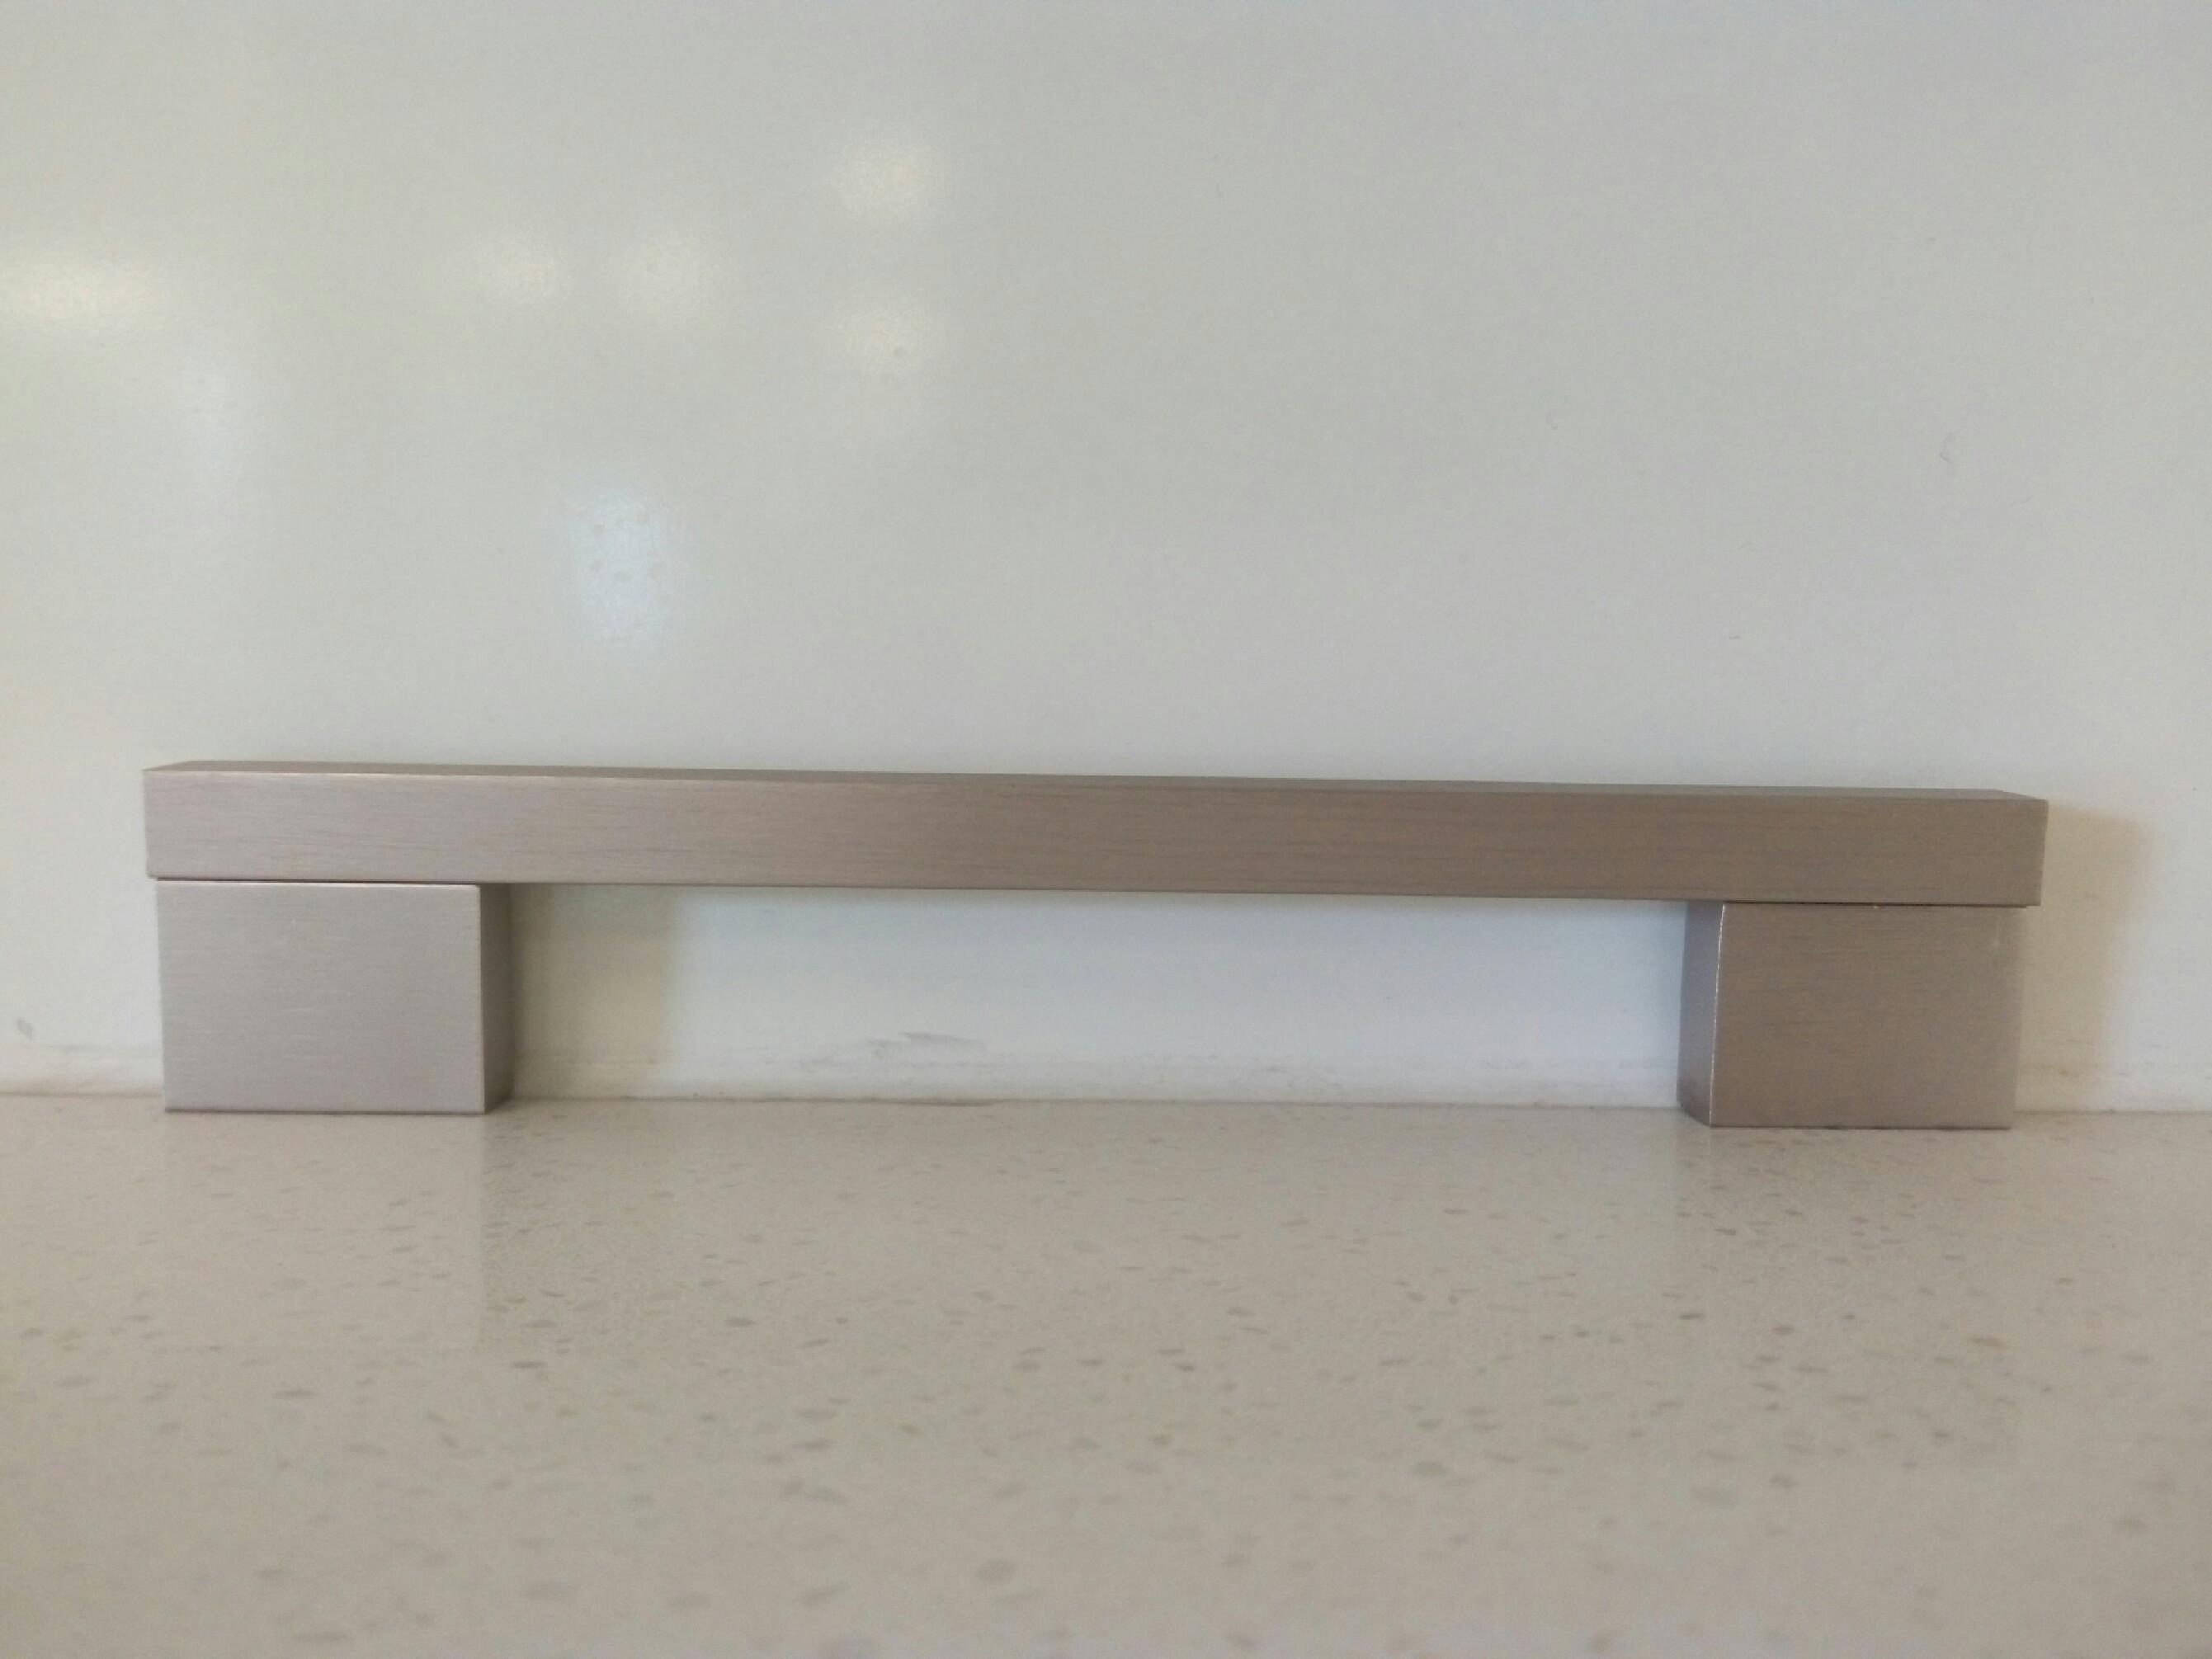 Aluminium Handle UA-A18160-06MJ for cabinets